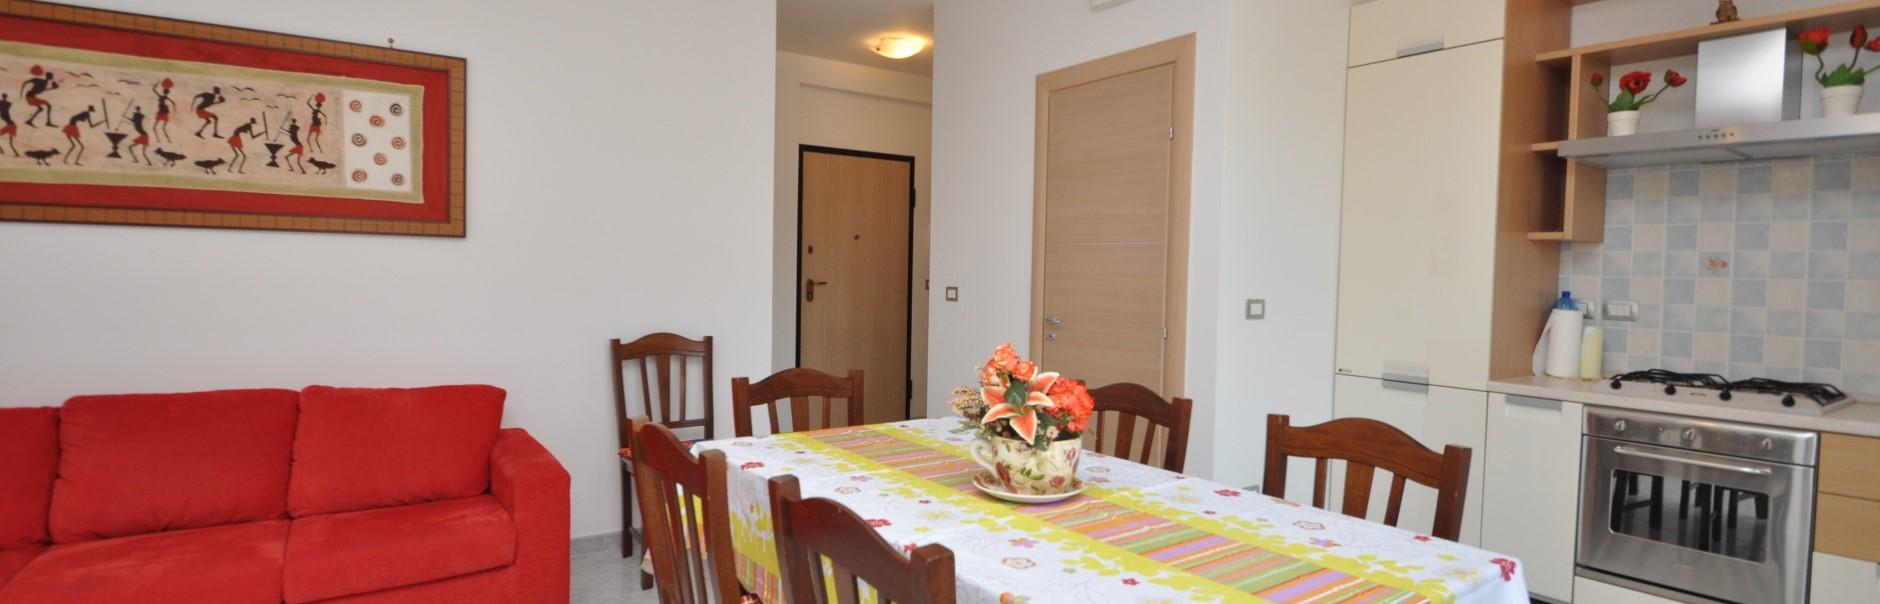 Appartamento Rubino - Gallipoli